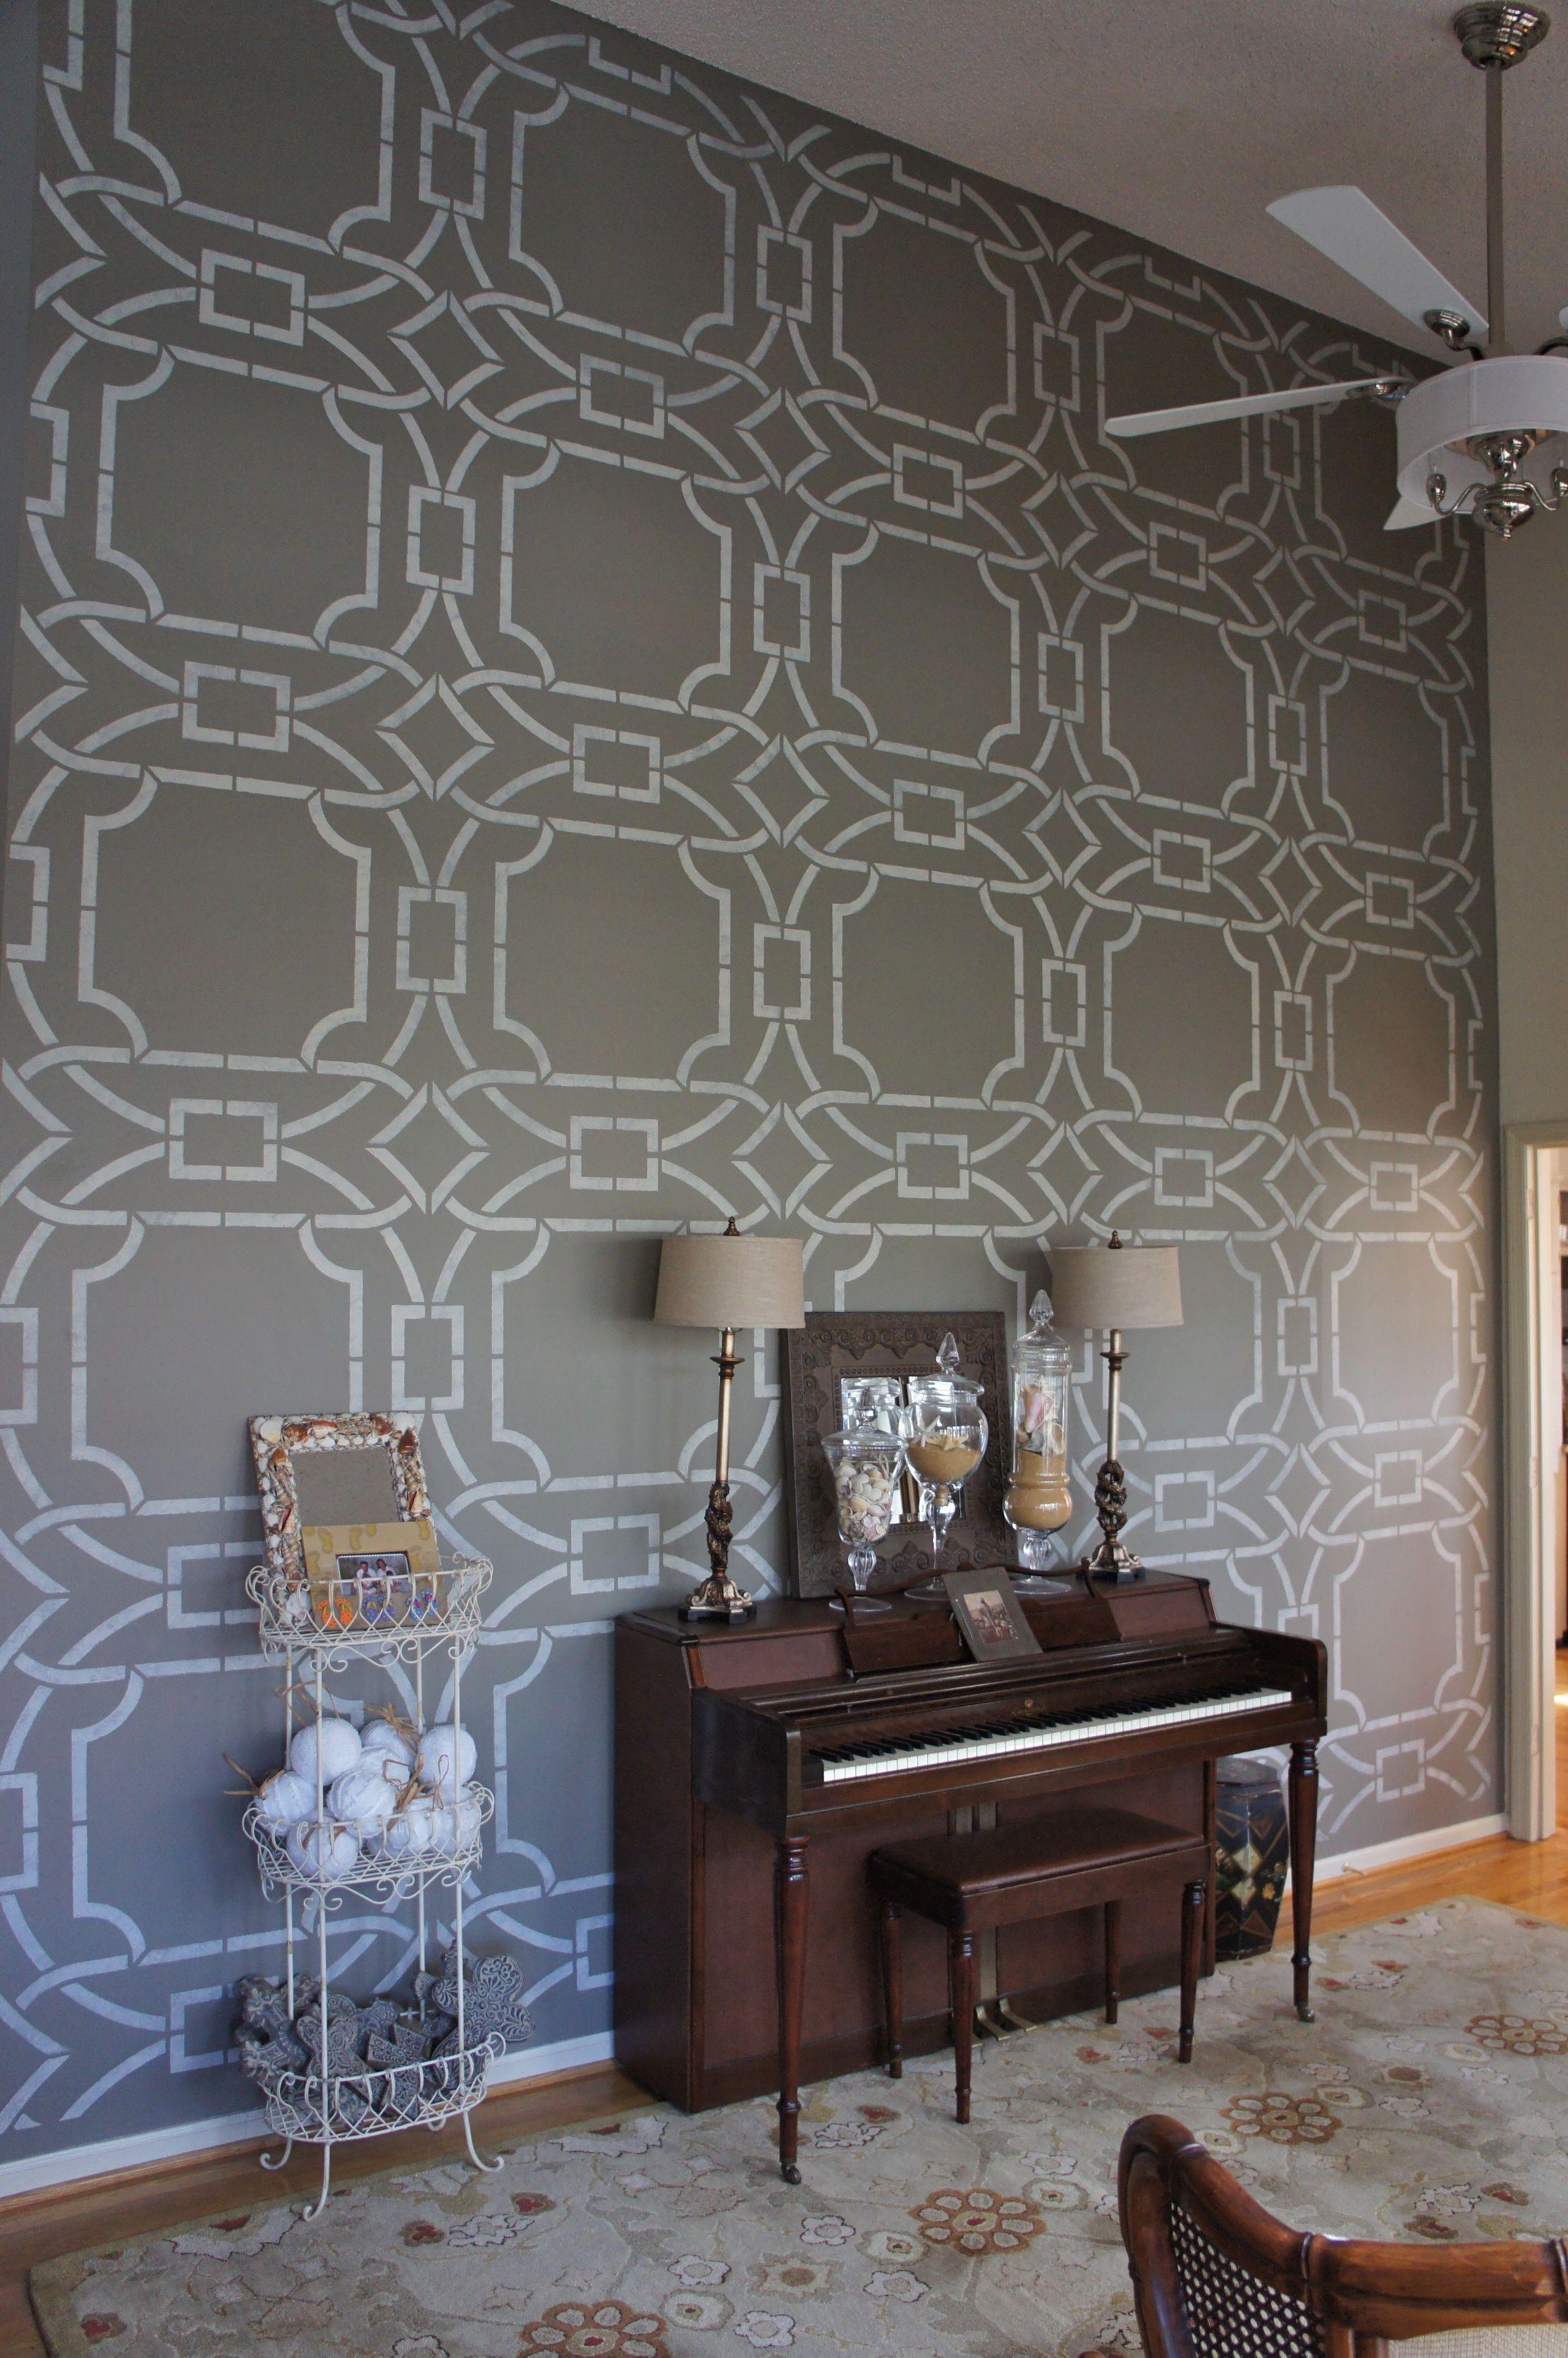 Decorative Finishes Studio Contempo Trellis Stencil From Royal Design Studio Stenciled Wall